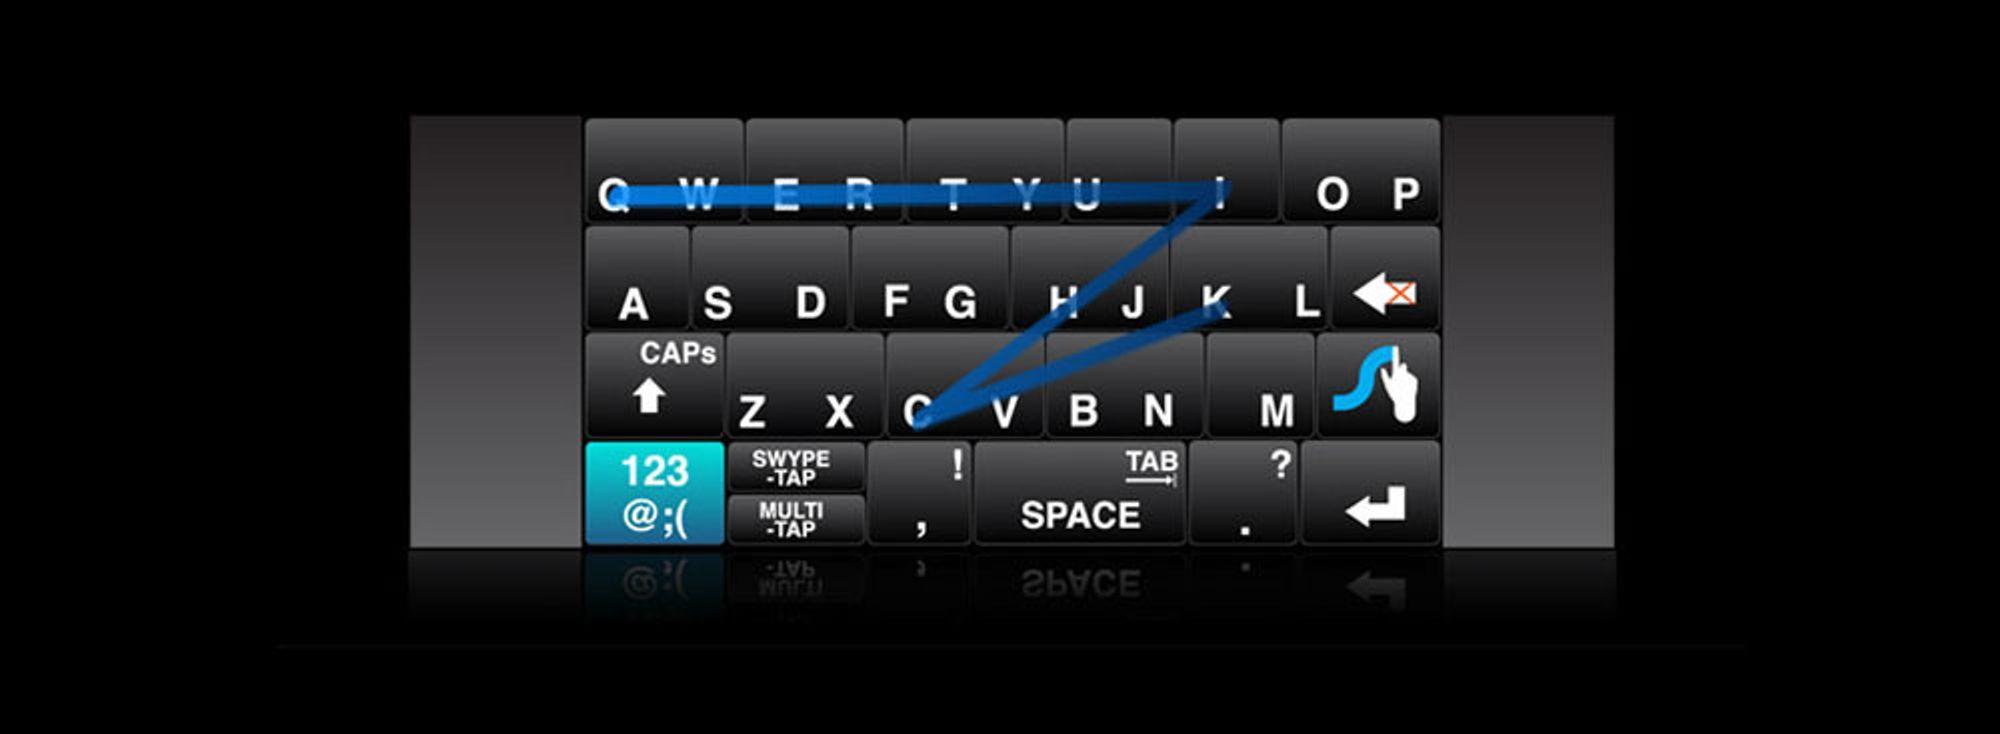 Den nye måten å skrive på mobilen